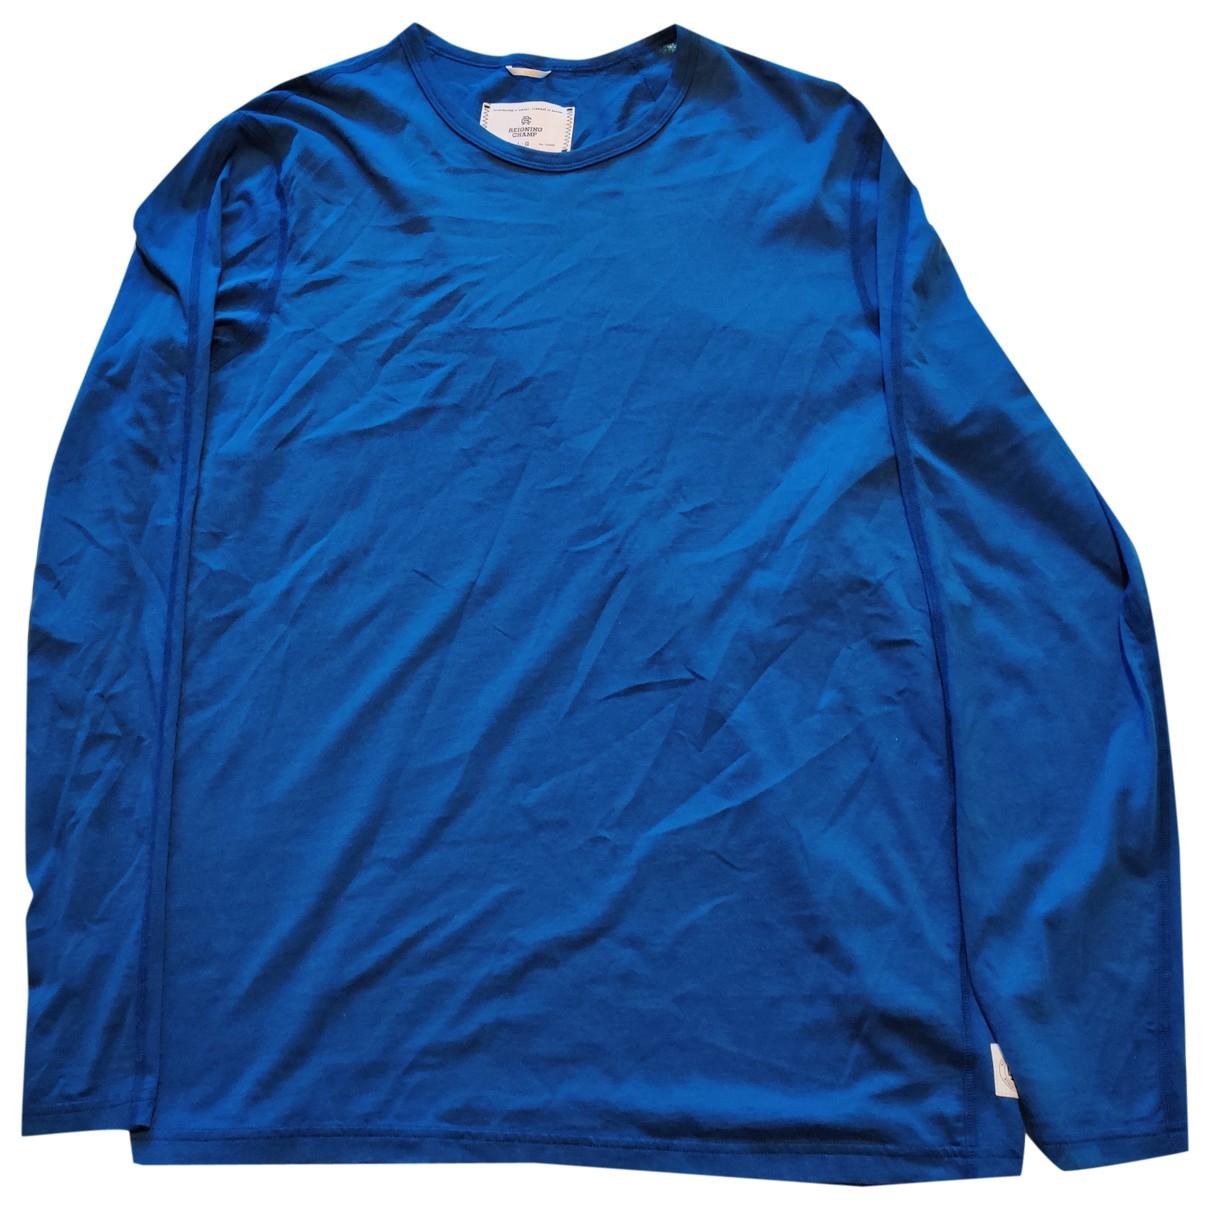 Reigning Champ - Tee shirts   pour homme en coton - bleu